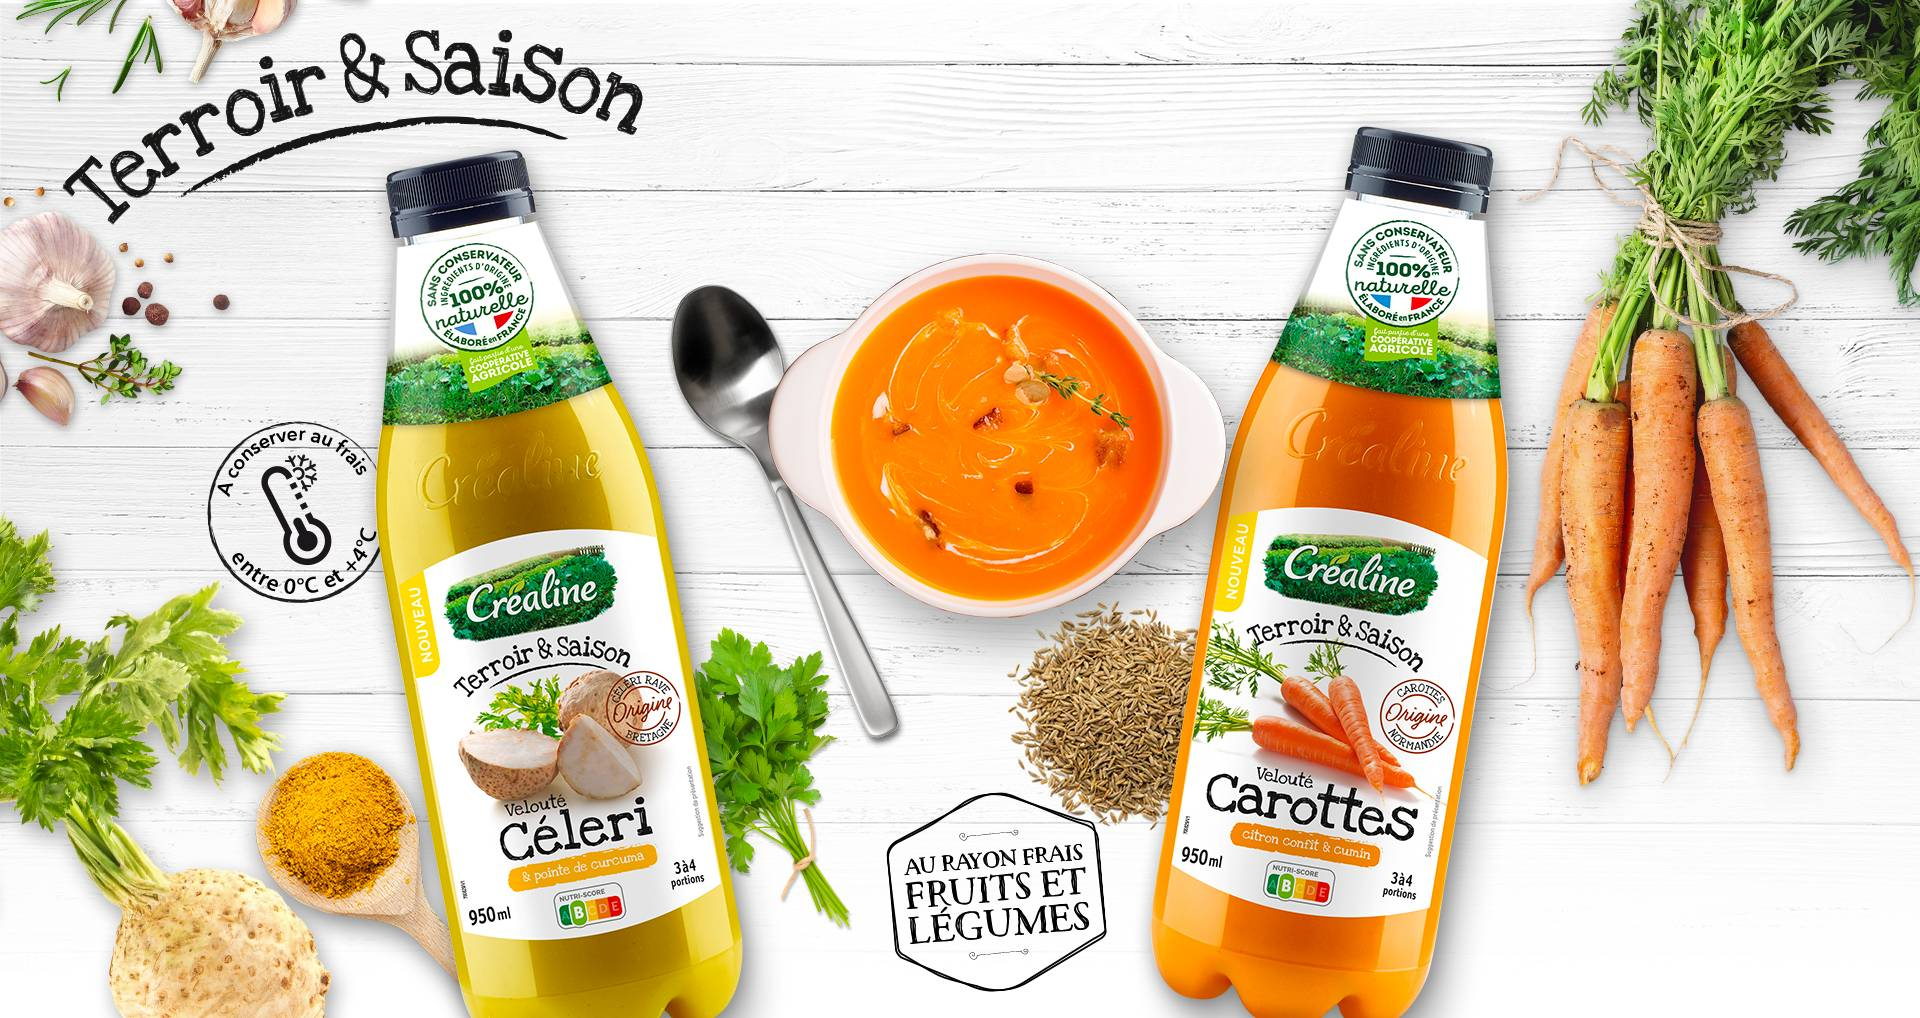 Soupes de légumes : velouté de céleri et velouté de carottes